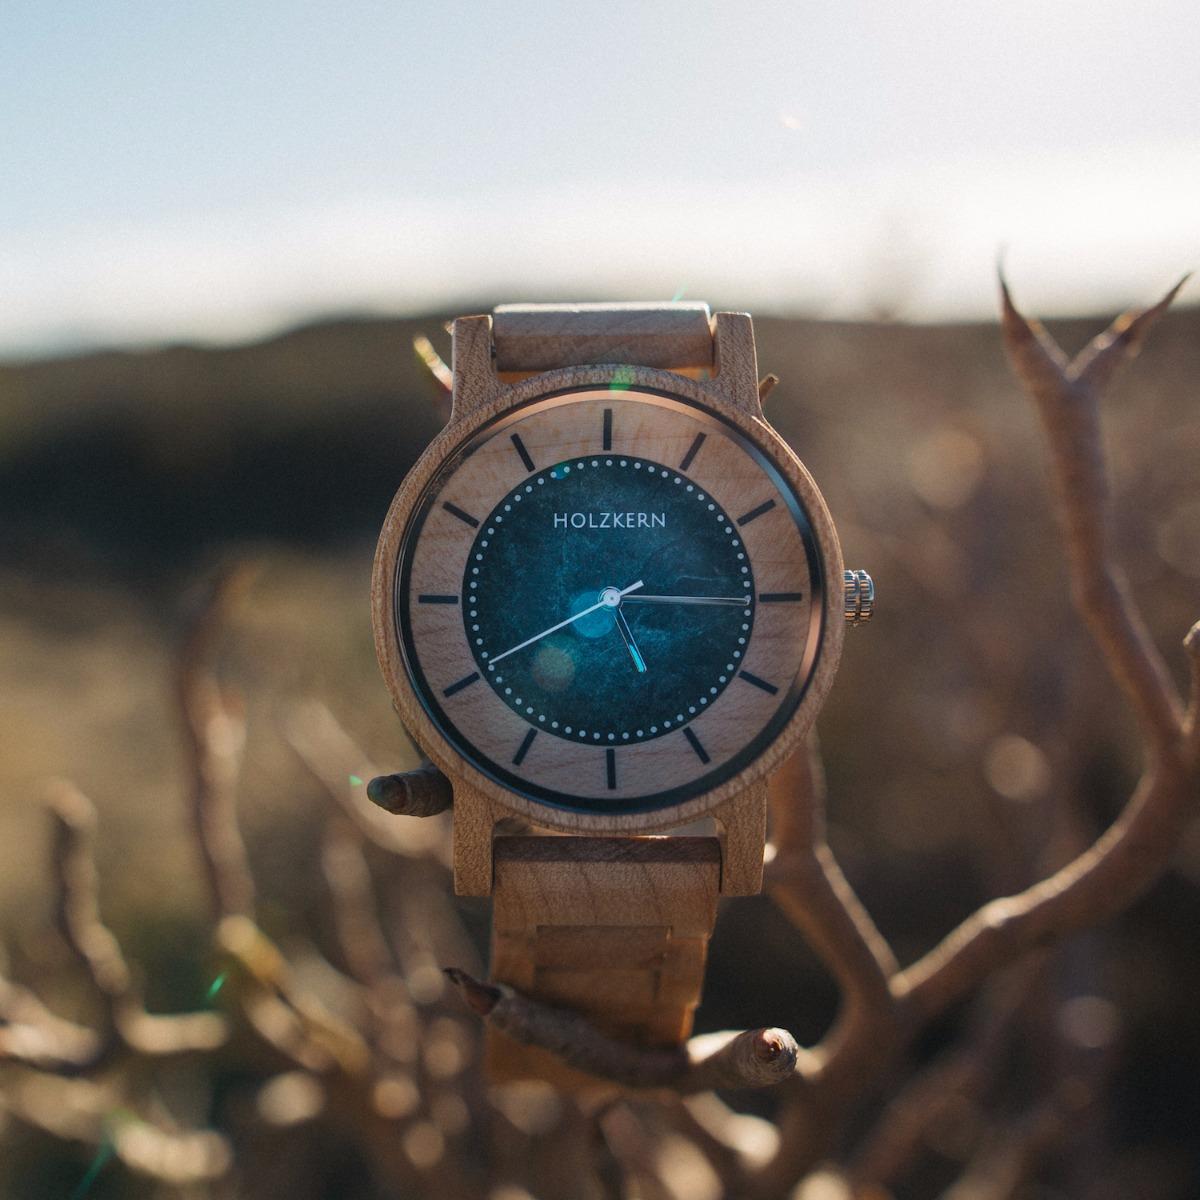 Die Holzuhr Alexander von Holzkern ist im Fokus, während man im Hintergrund hügelige Landschaften ausmachen kann